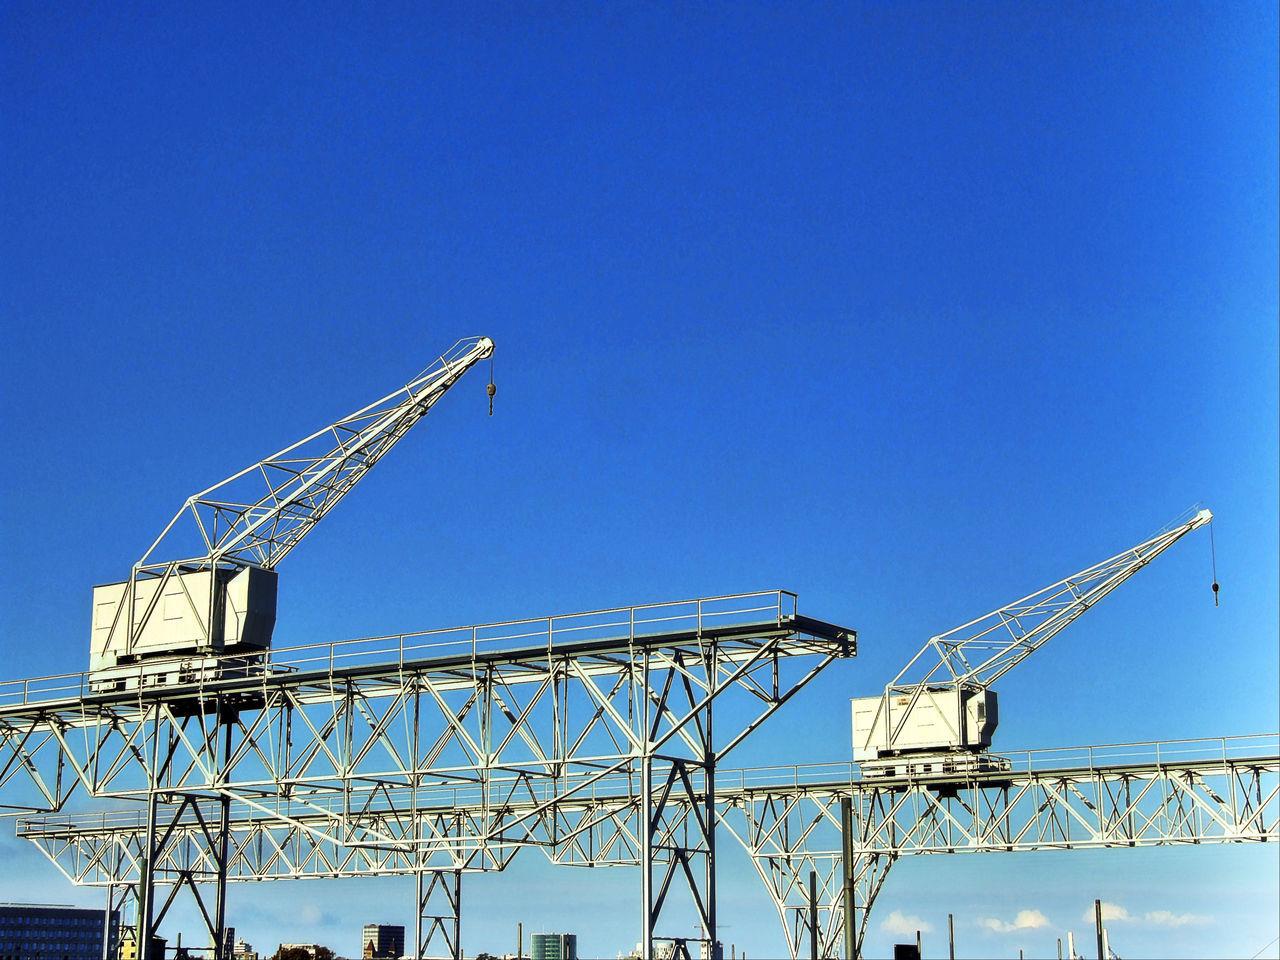 prot crane Blue Clear Sky Crane Cranes Day Harbour Harbour Cranes Harbour View Hoist Industrial Area Industrial Landscapes No People Outdoors Port Port Crane Port Cranes Sky